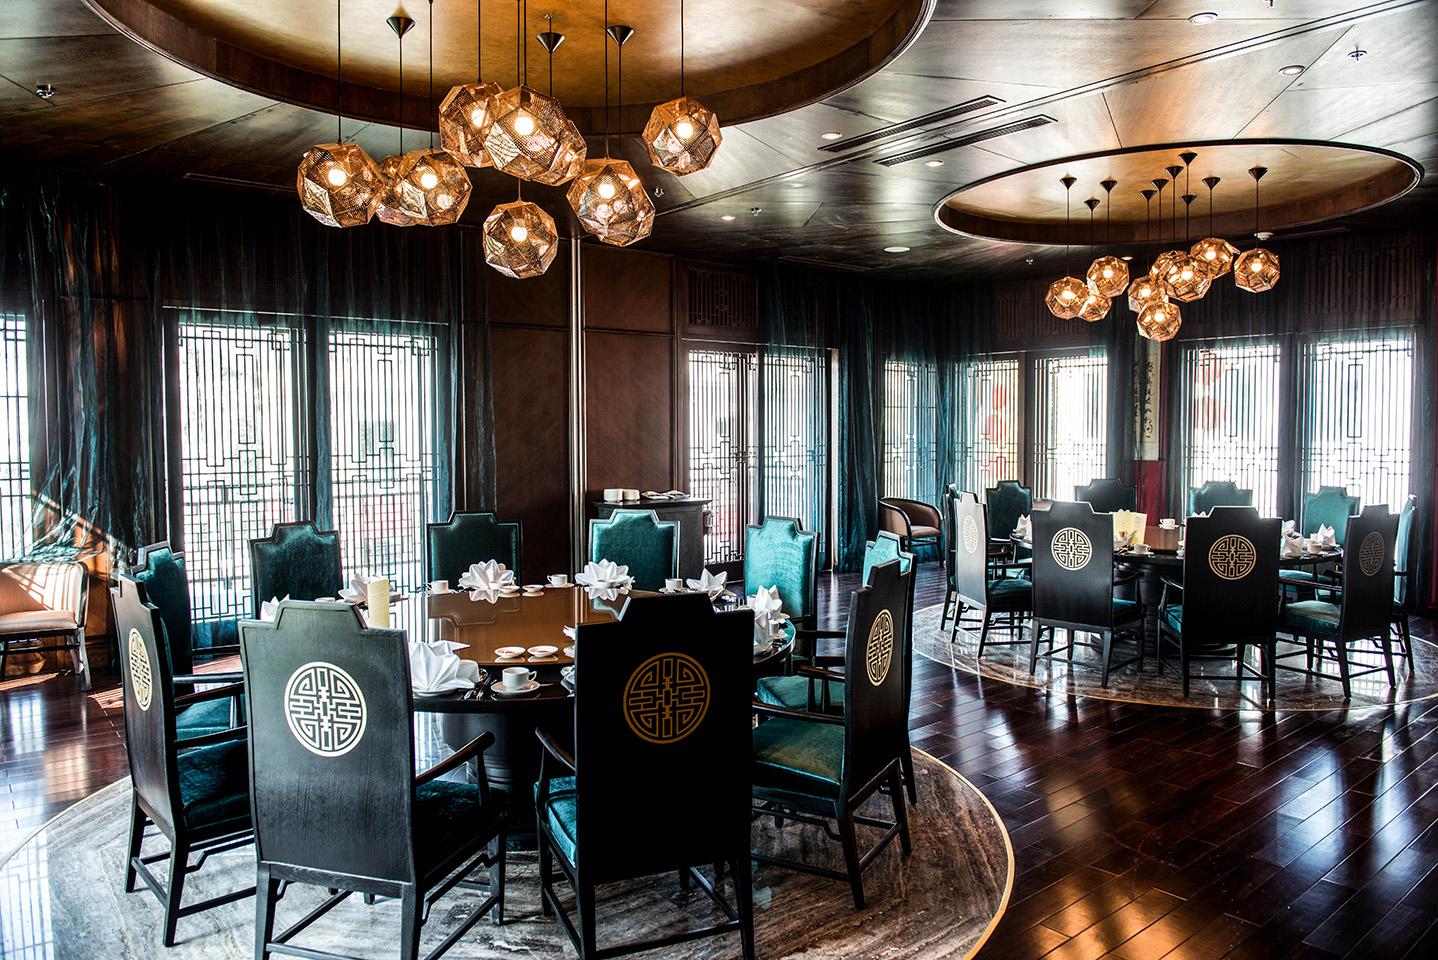 phong cách thiết kế nhà hàng trung quốc